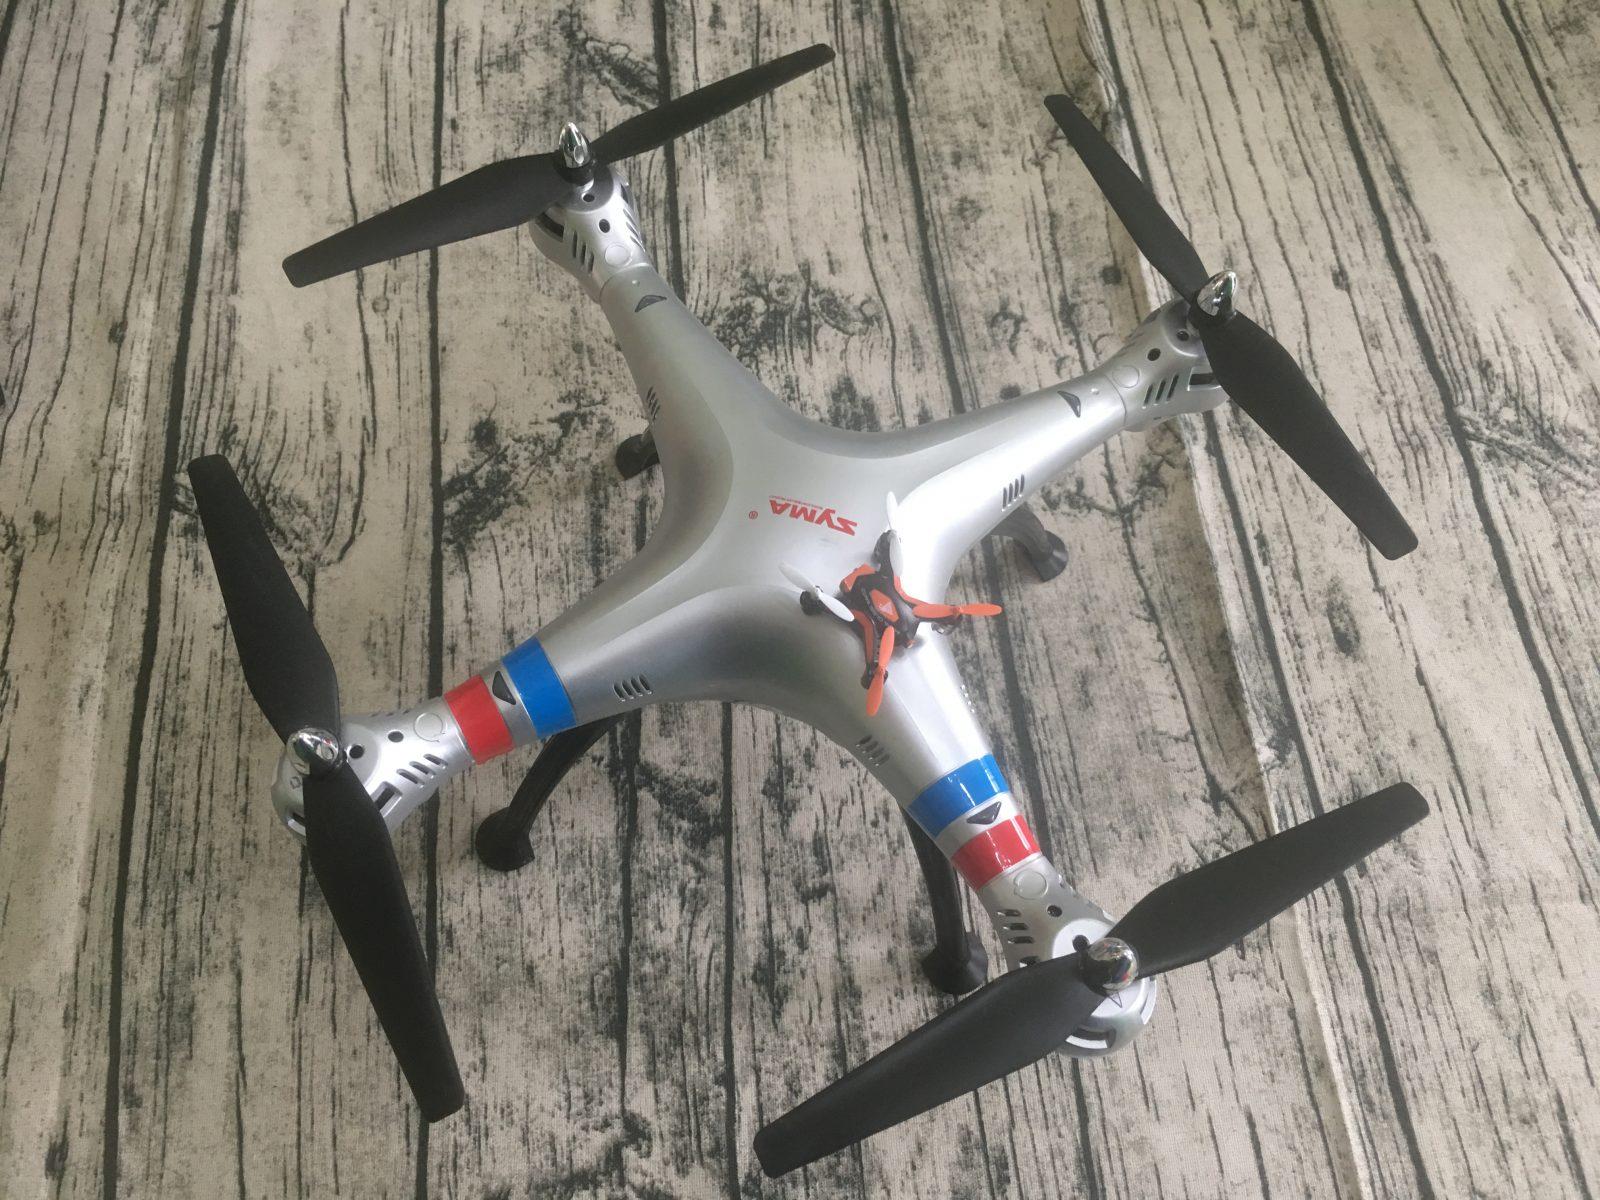 Dürfen Kinder Drohnen fliegen